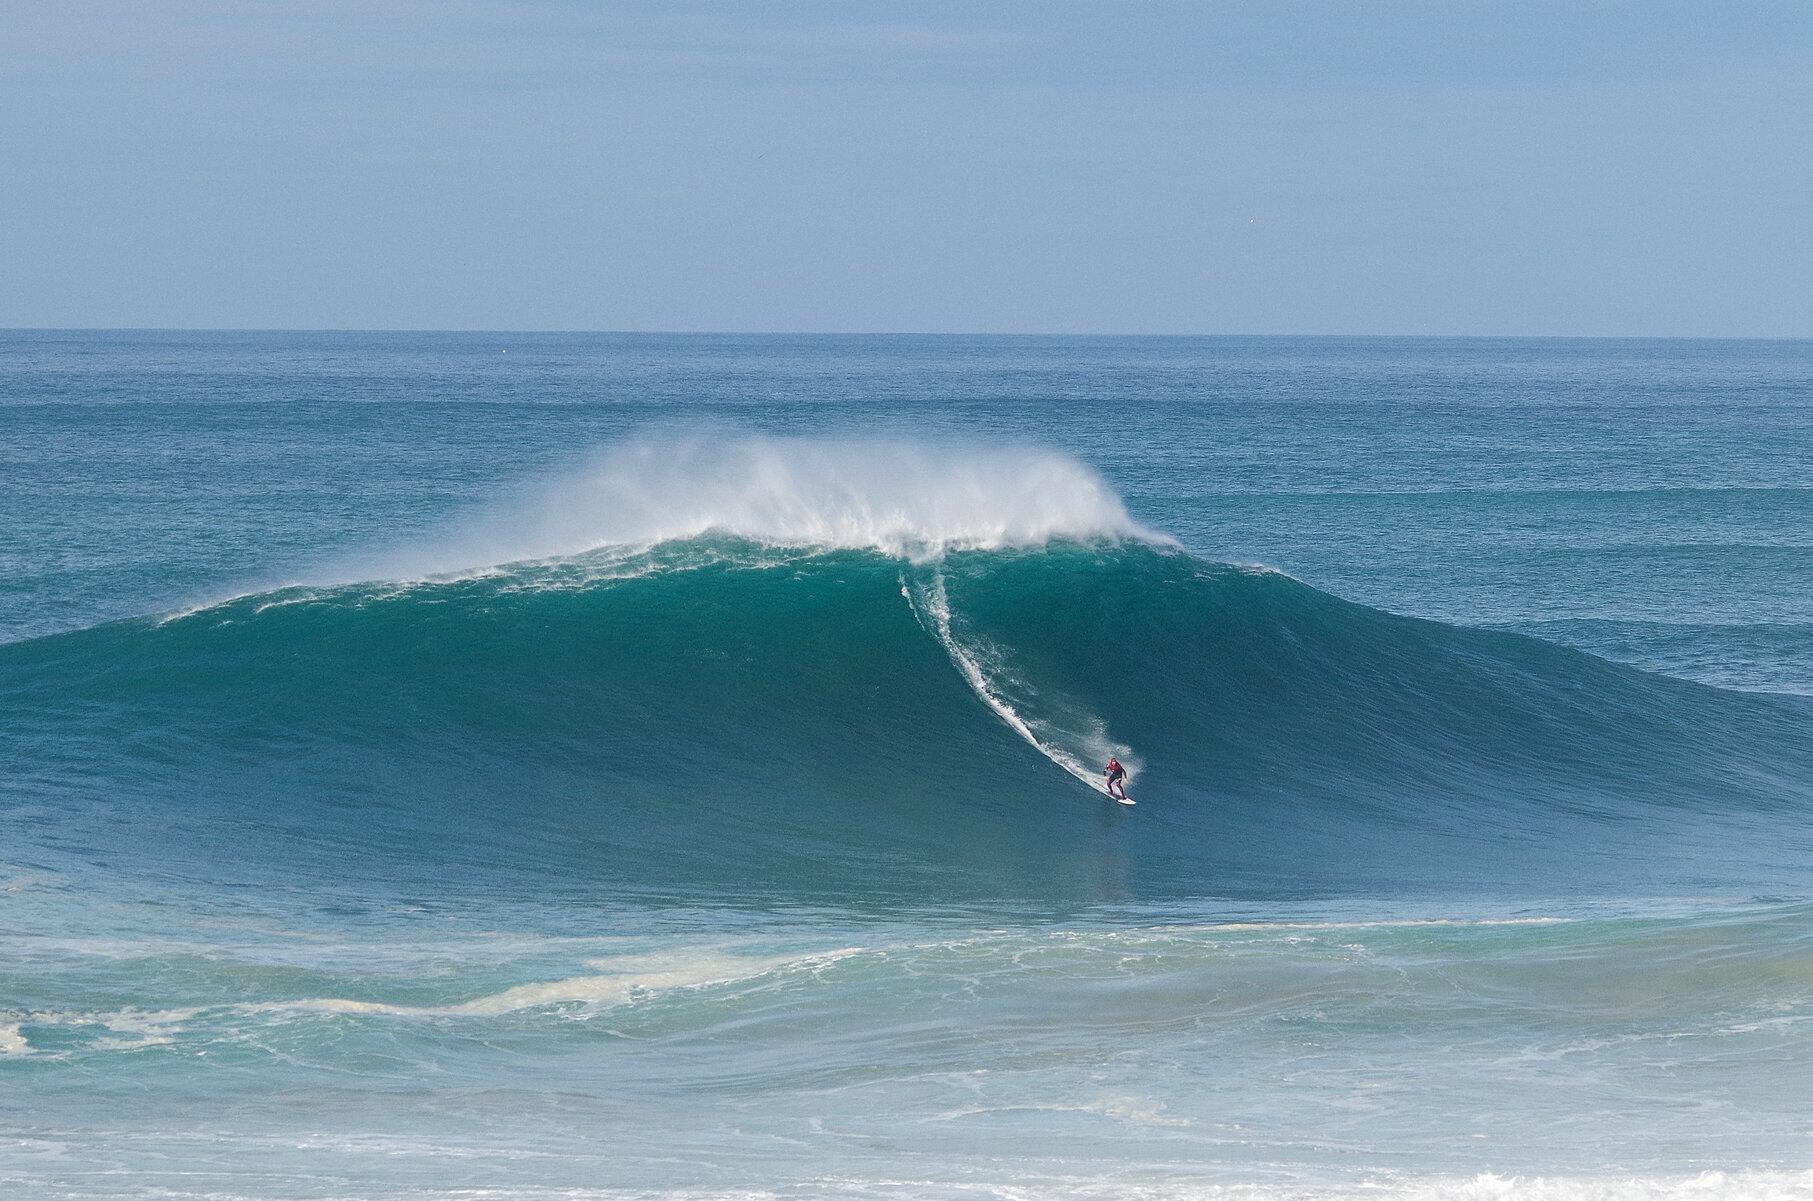 Big wave surfing at Nazaré